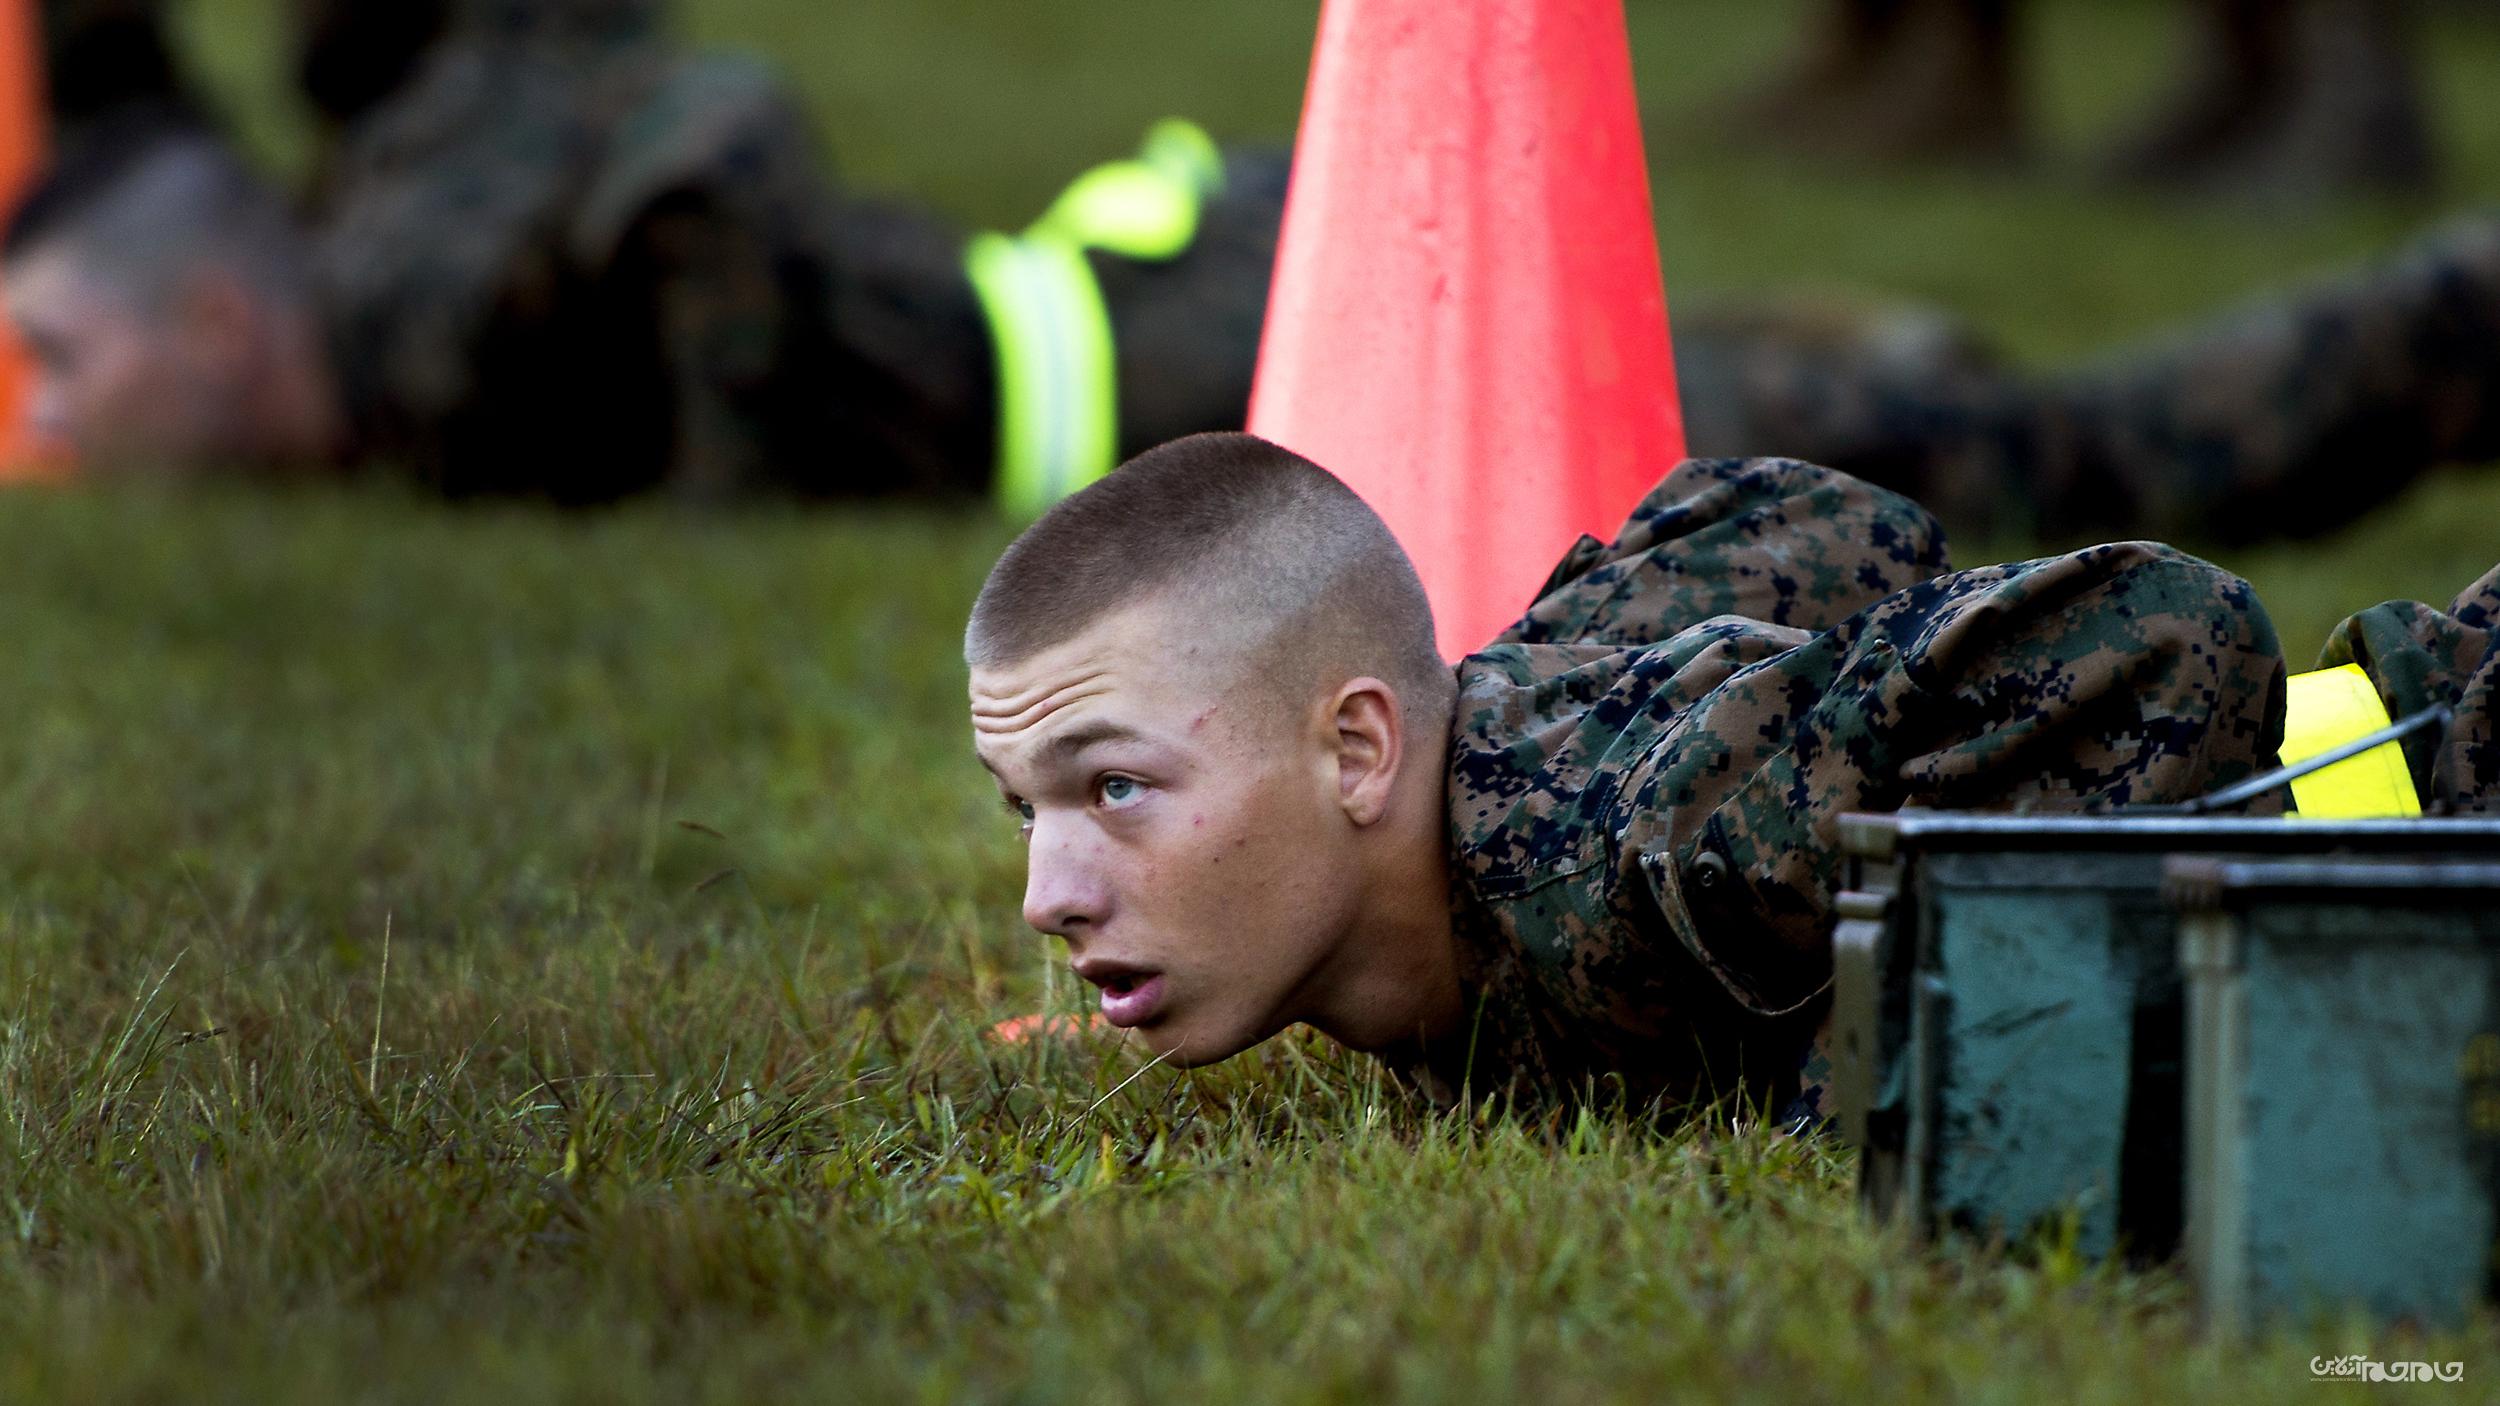 آموزش سرباز از نوع آمریکایی؛ یک شبانه روز با تفنگداران ویژه دریایی در پادگان آموزشی؛ قسمت دوم+عکس